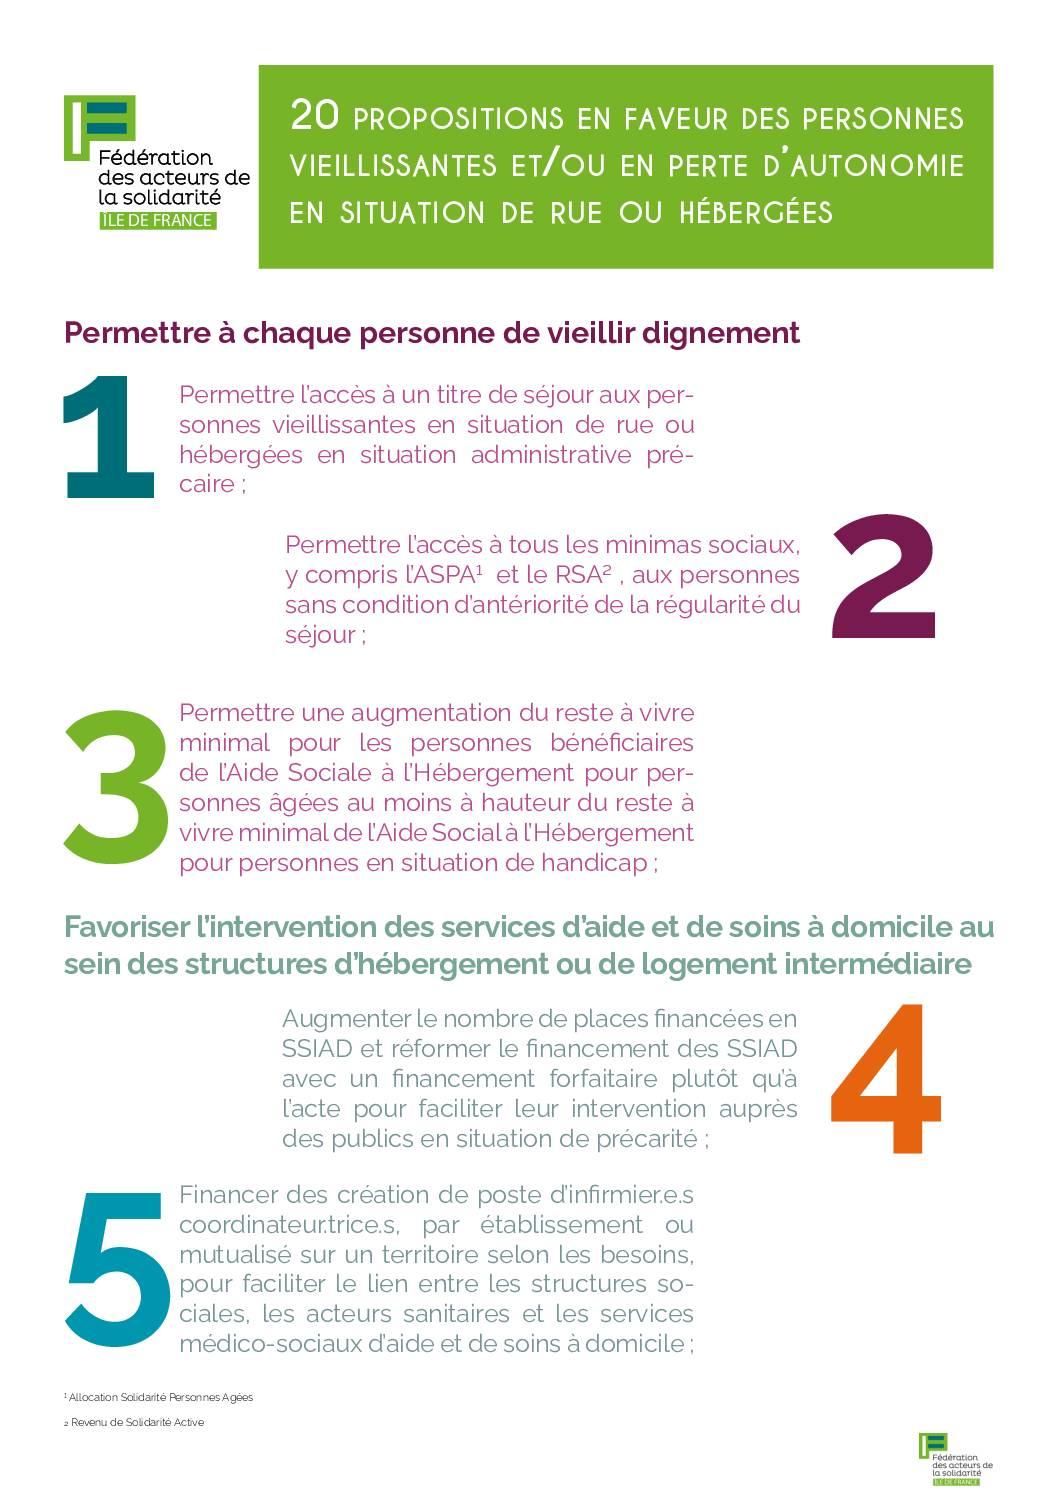 20 propositions de la FAS IdF pour améliorer l'accompagnement des personnes vieillissantes précaires